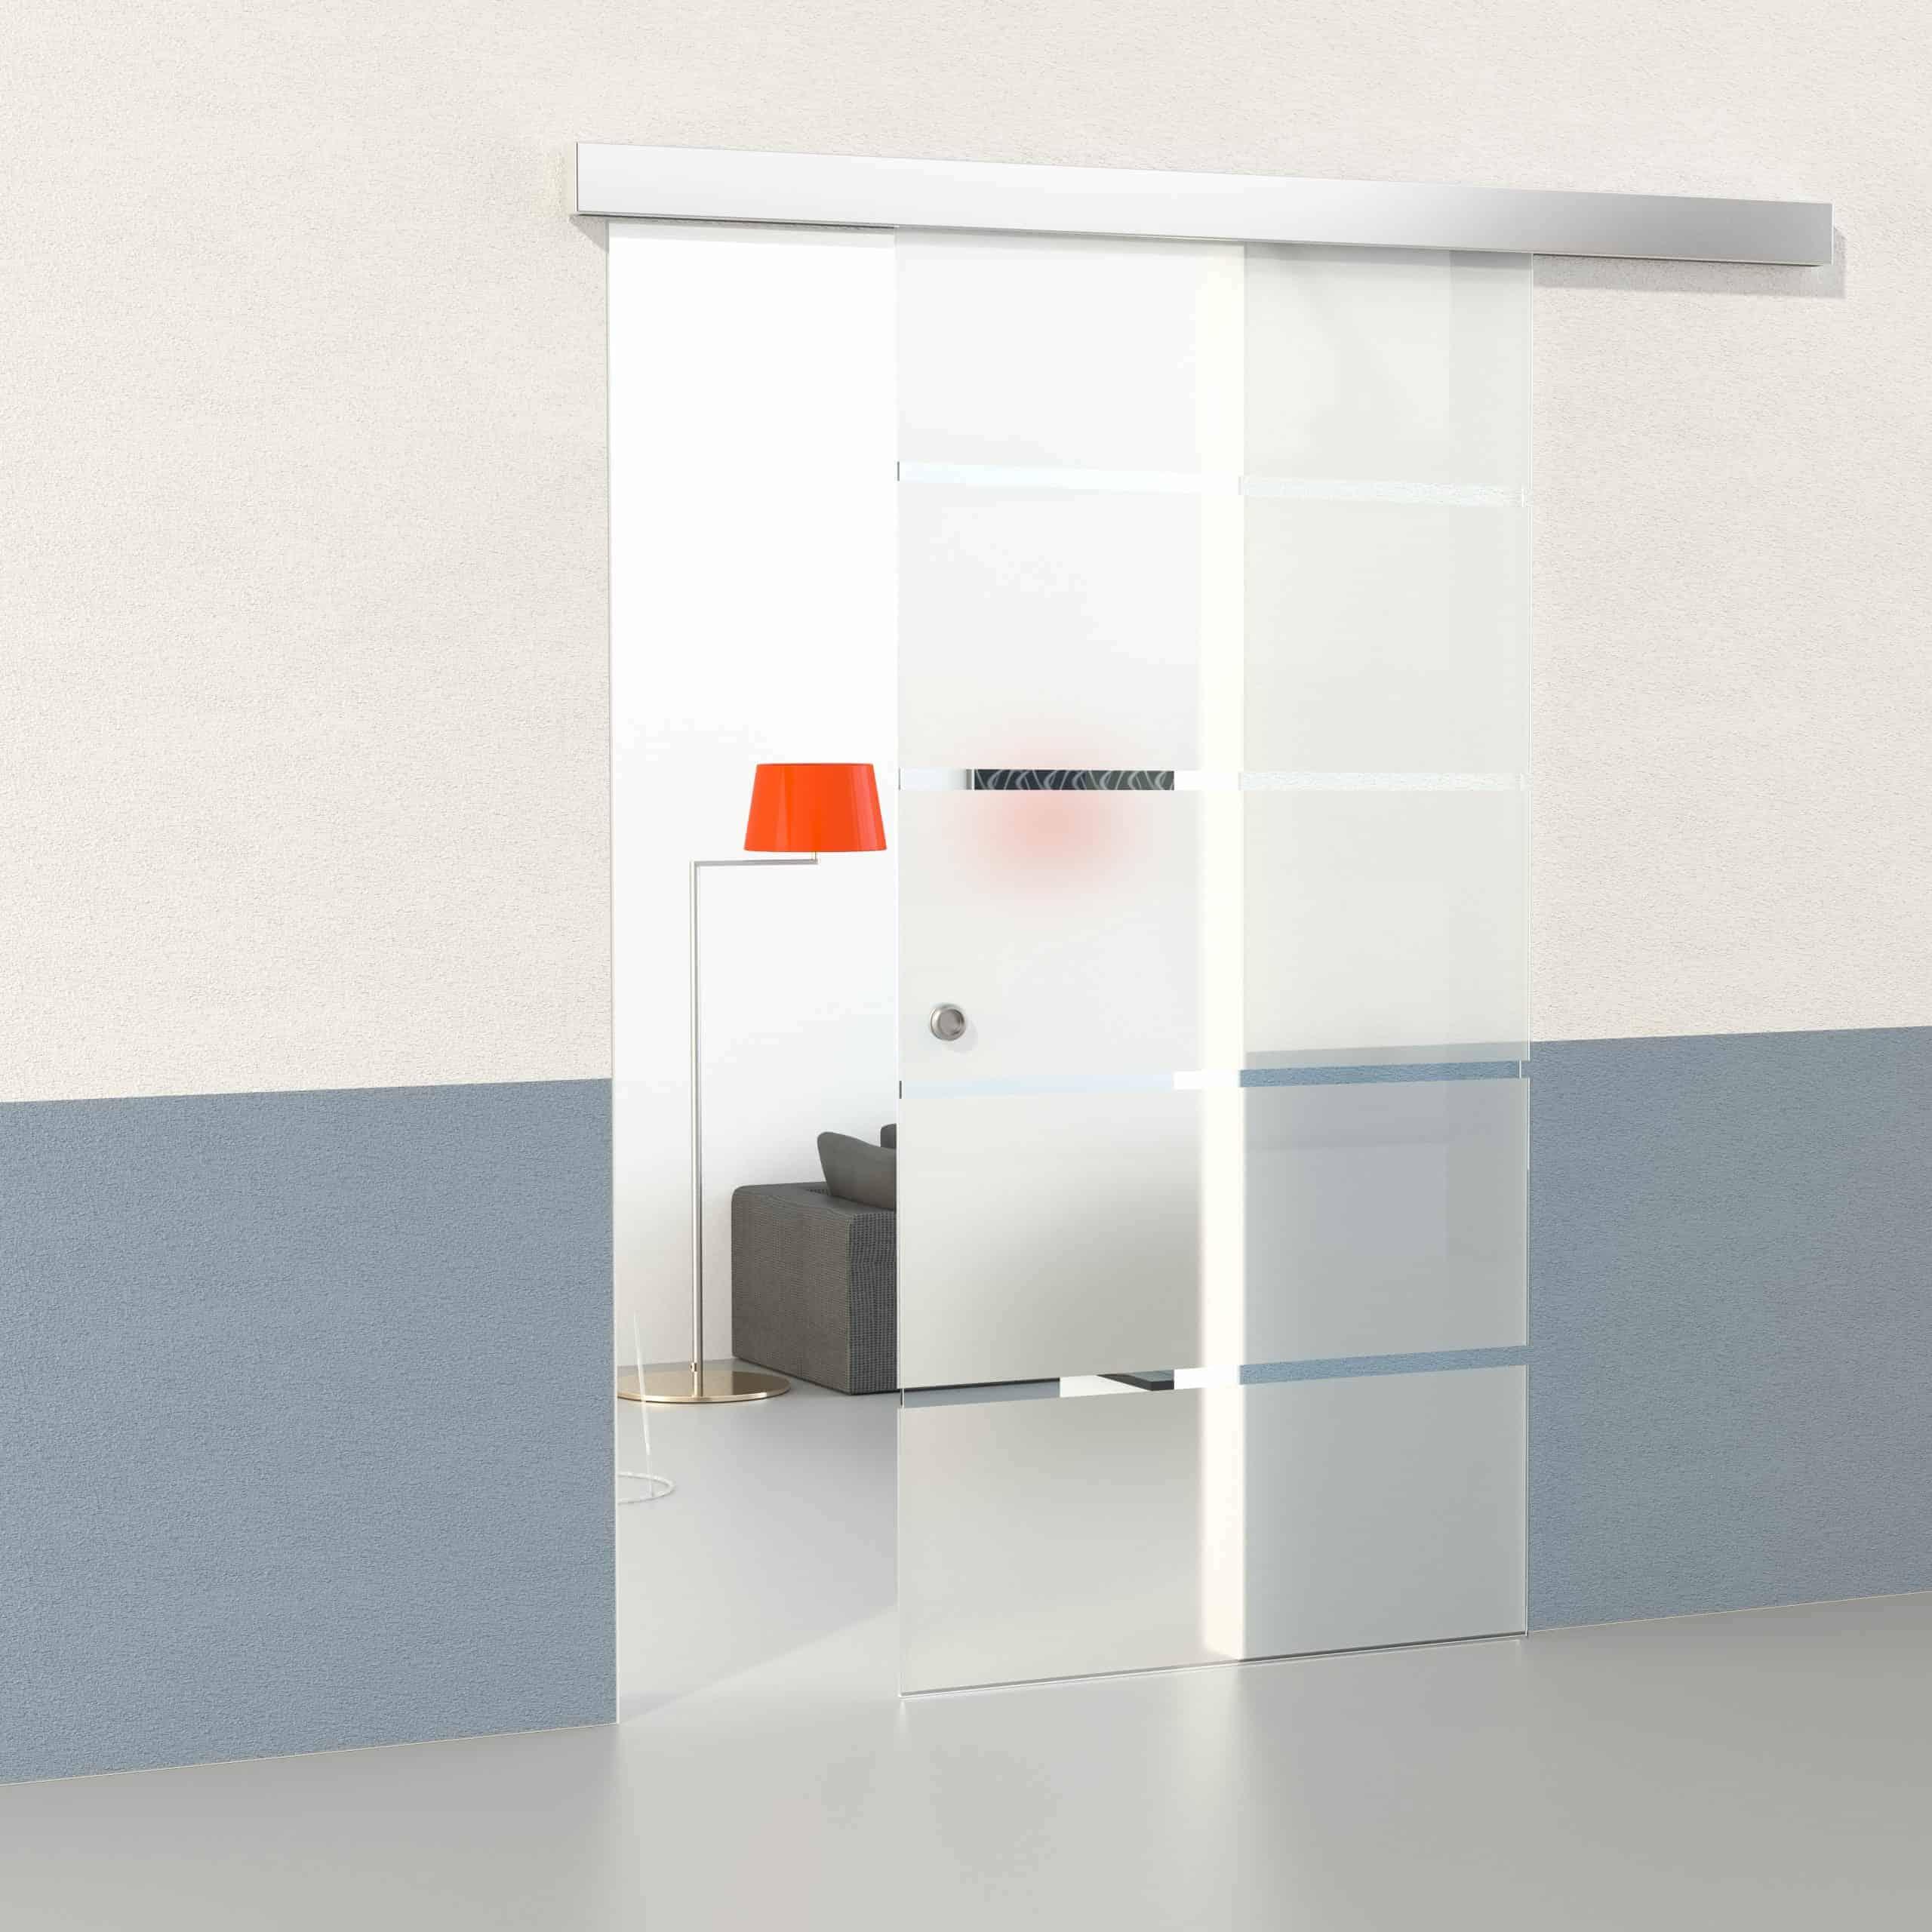 Glasschiebetüren komplettset 3 Größen & 5 Designs verfügbar